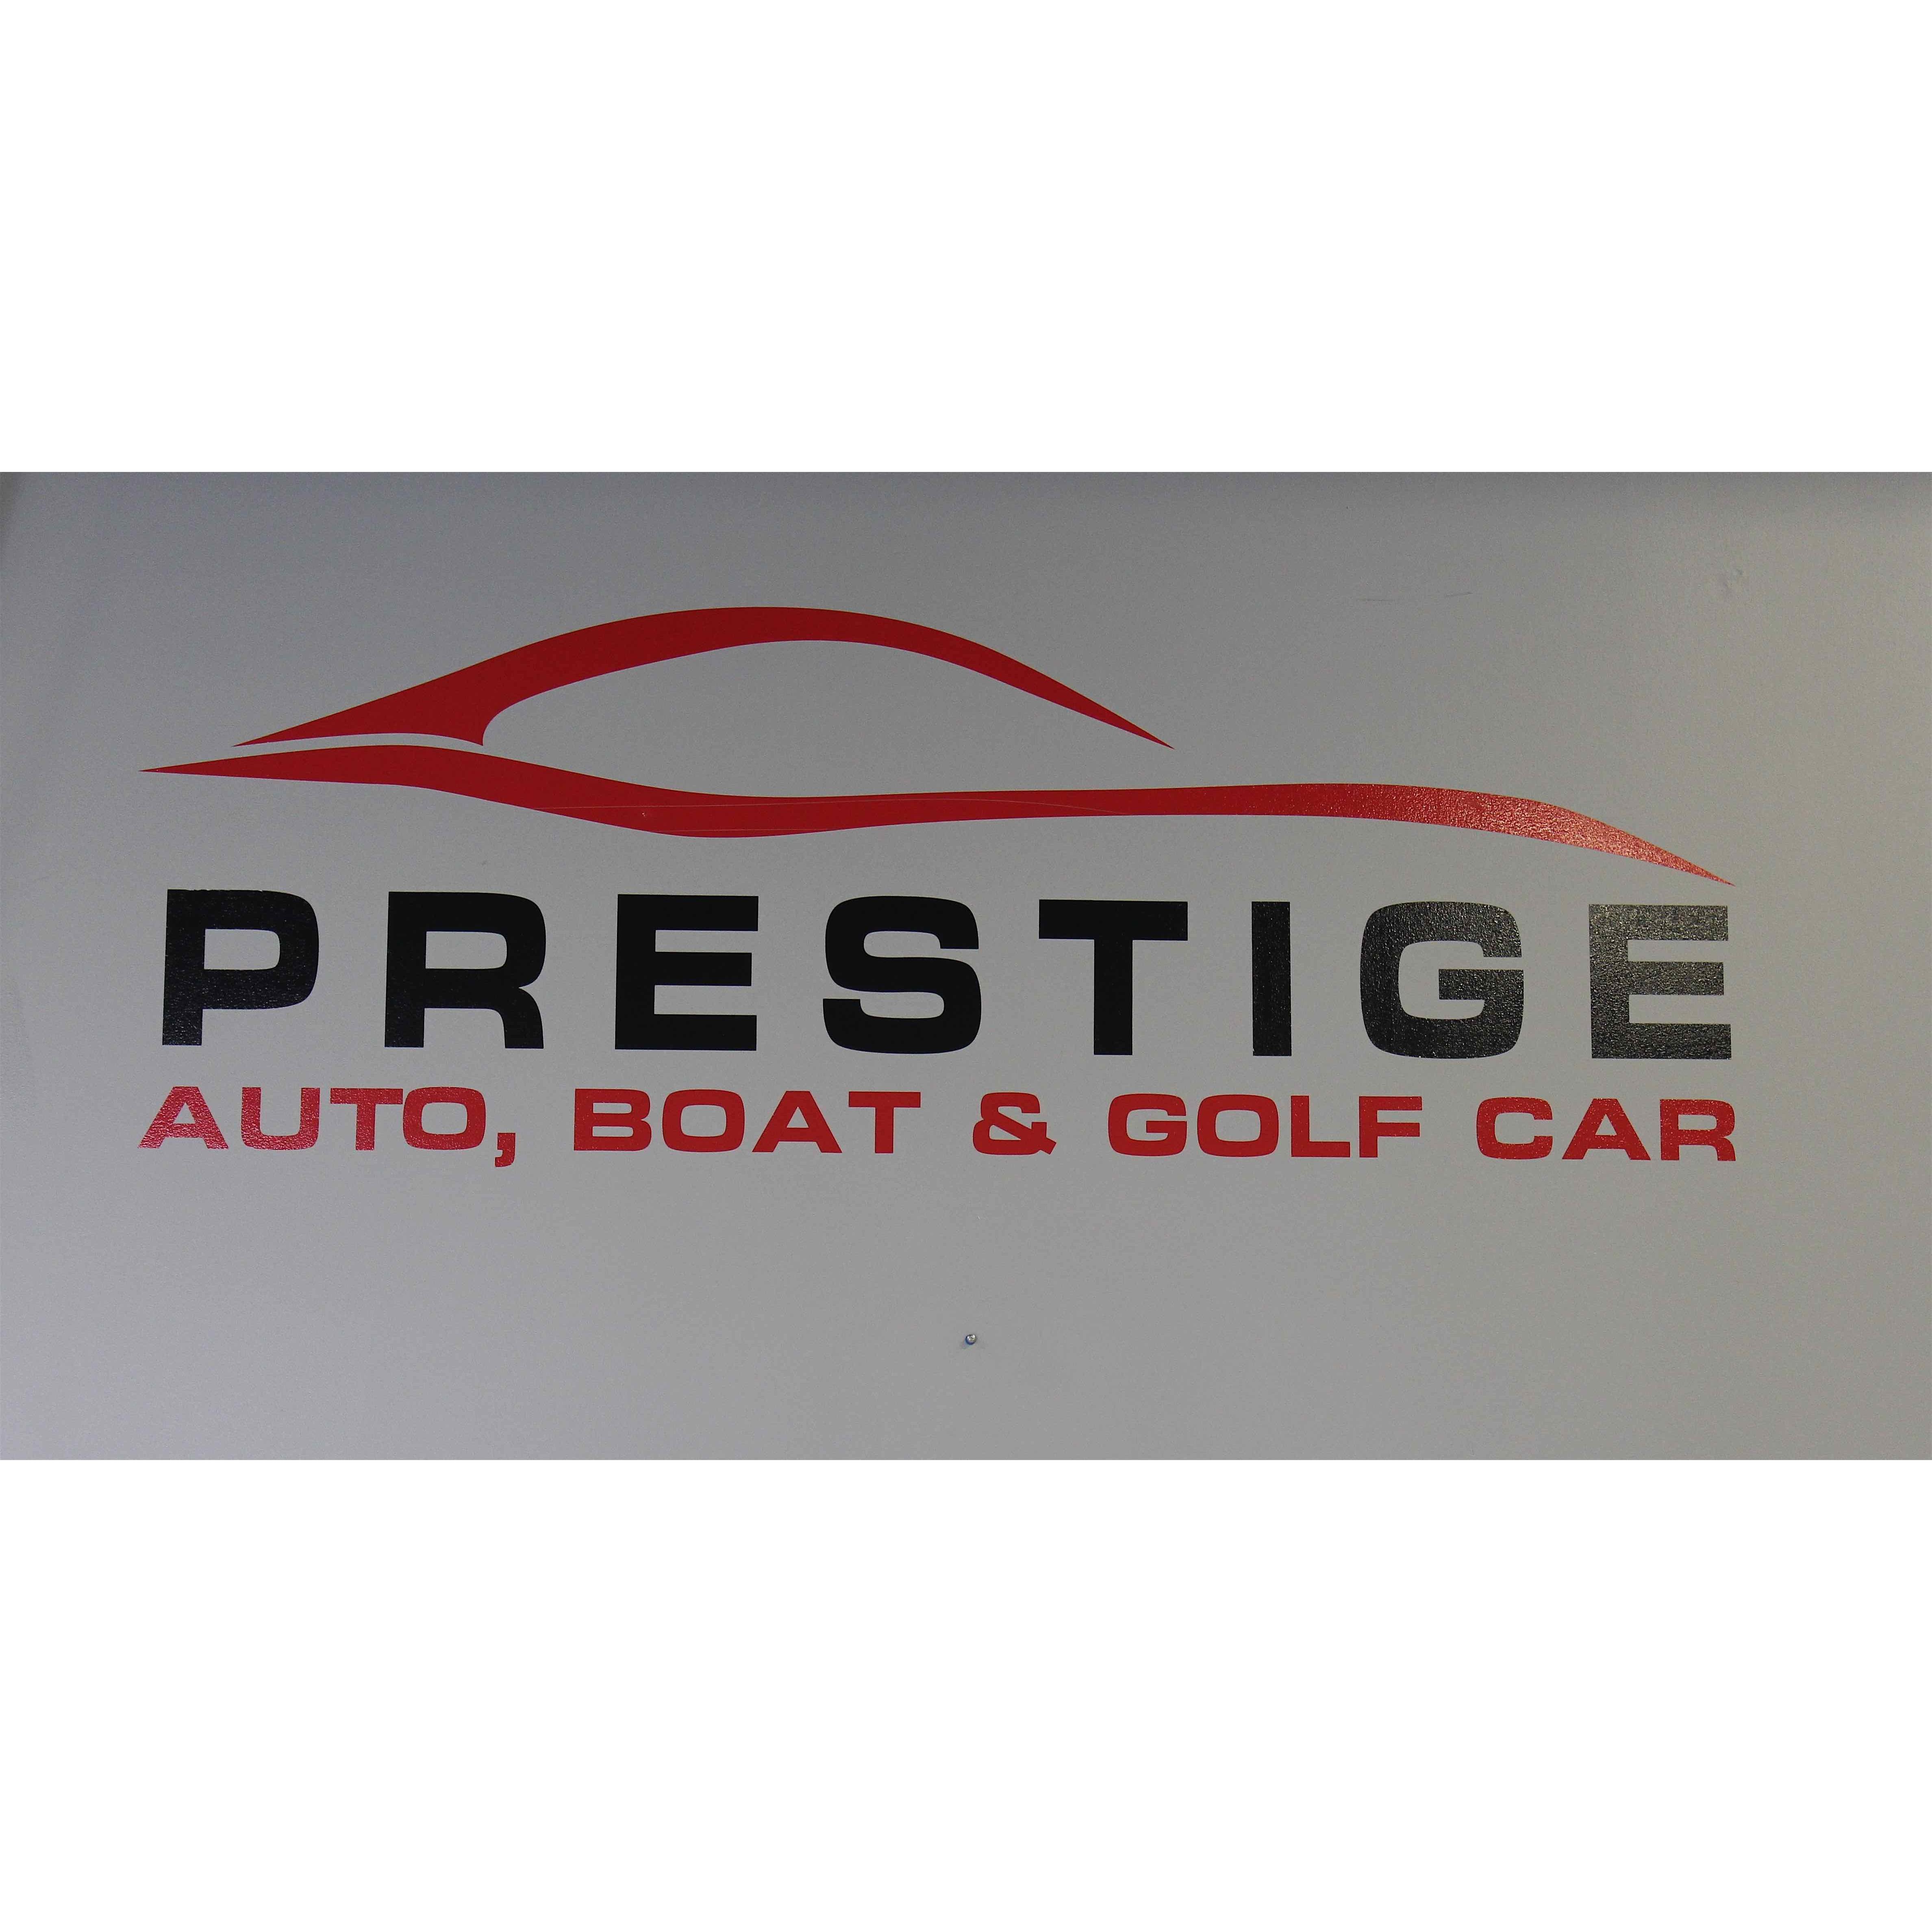 prestige auto boat golf car florence ky business profile. Black Bedroom Furniture Sets. Home Design Ideas